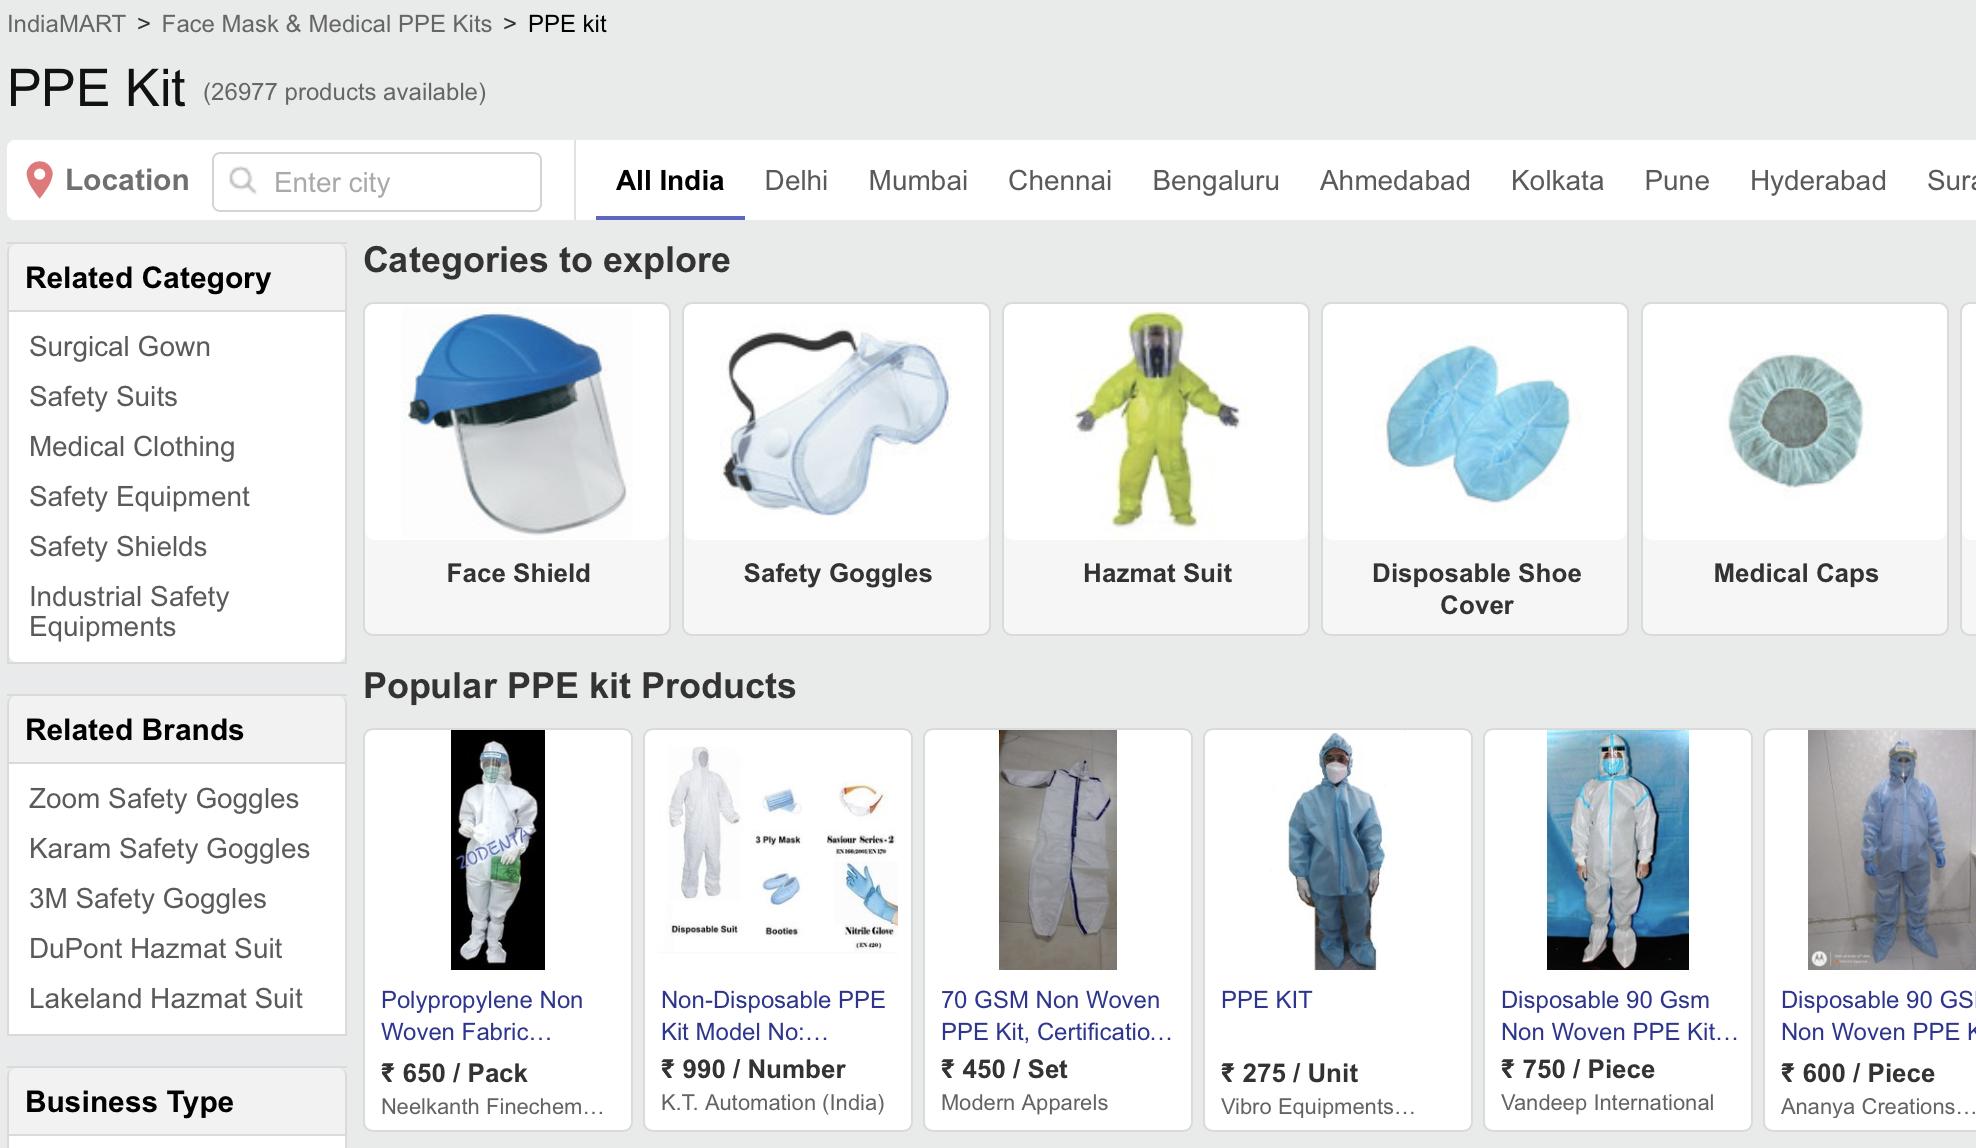 Indiamart PPE kit